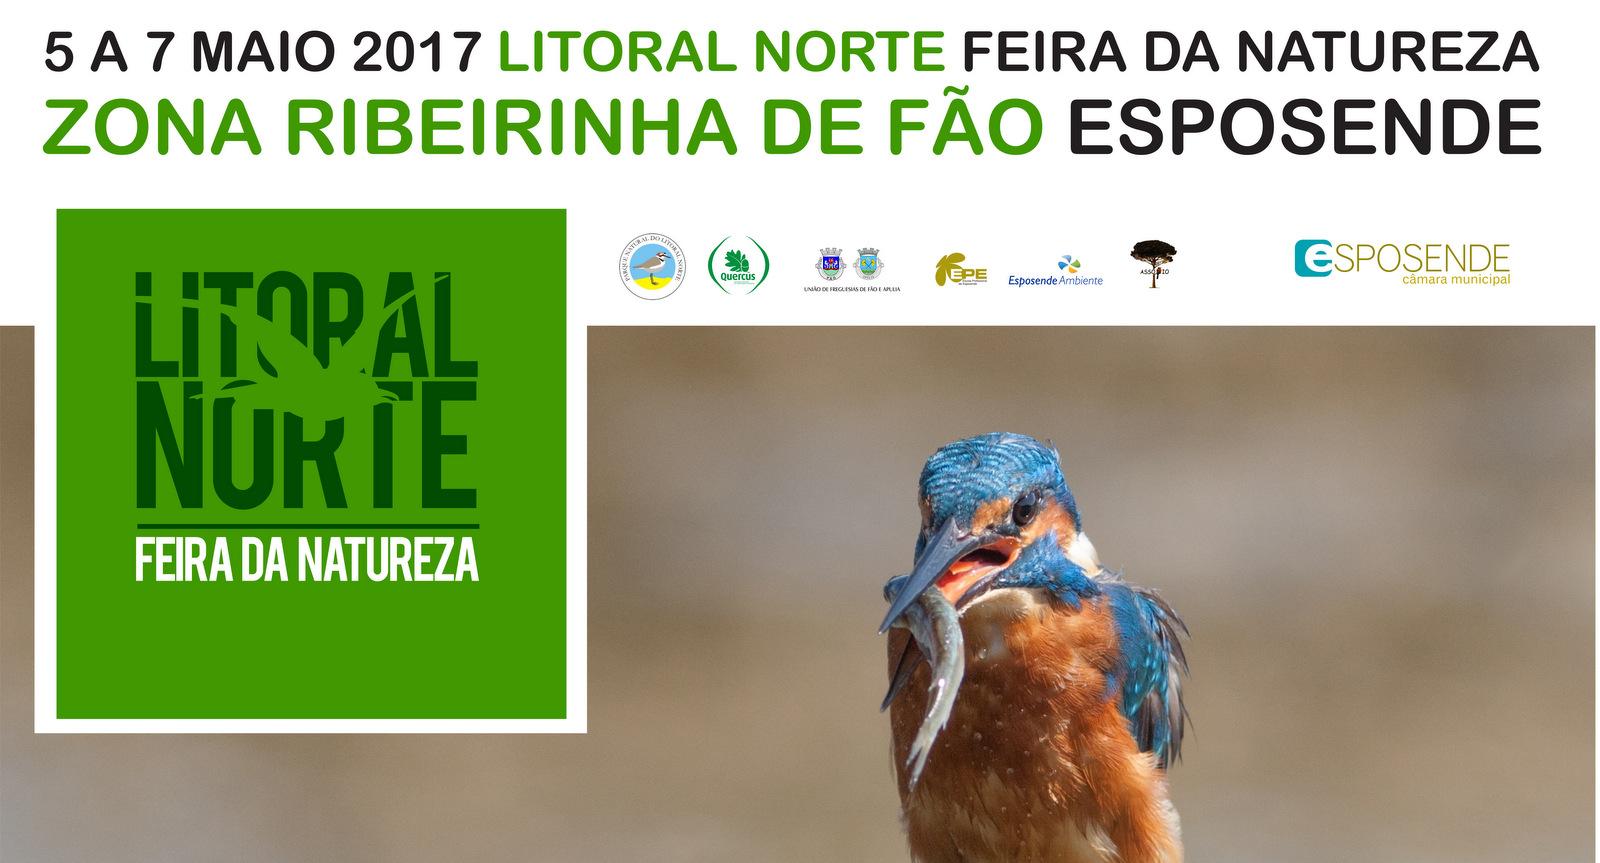 Feira da Natureza decorre na Zona Ribeirinha  de Fão de 5 a 7 de maio